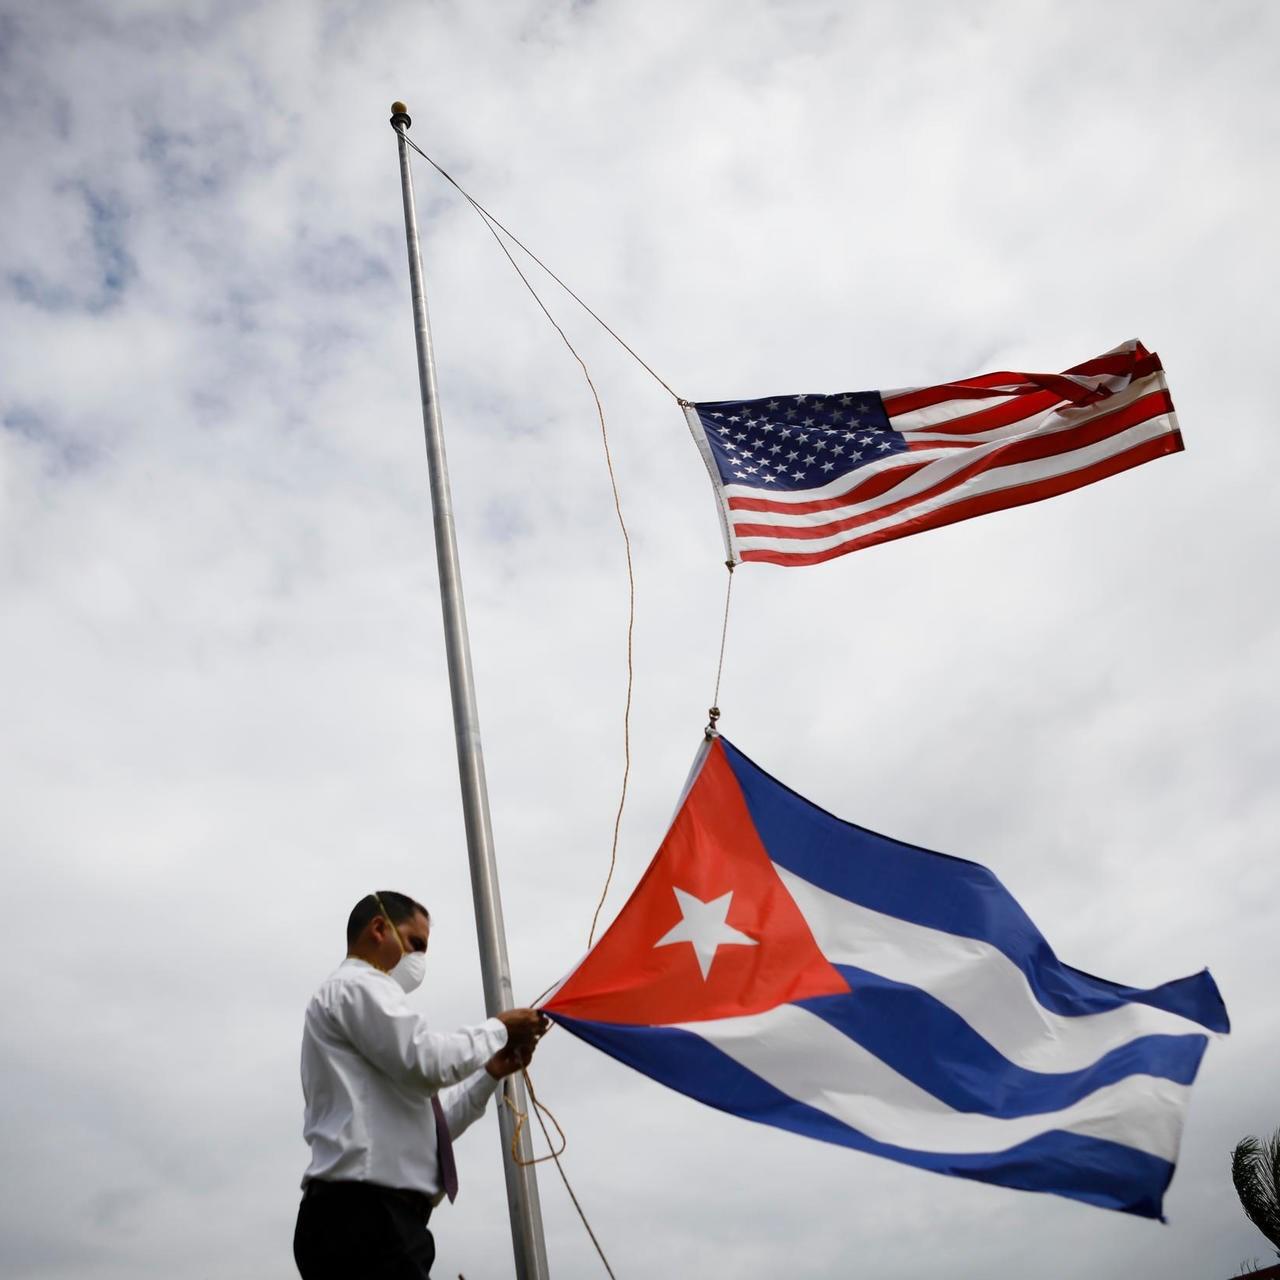 العريضة طالبت بتفكيك نظام العقوبات الأميركي الذي يواصل الإضرار بالشعب الكوبي